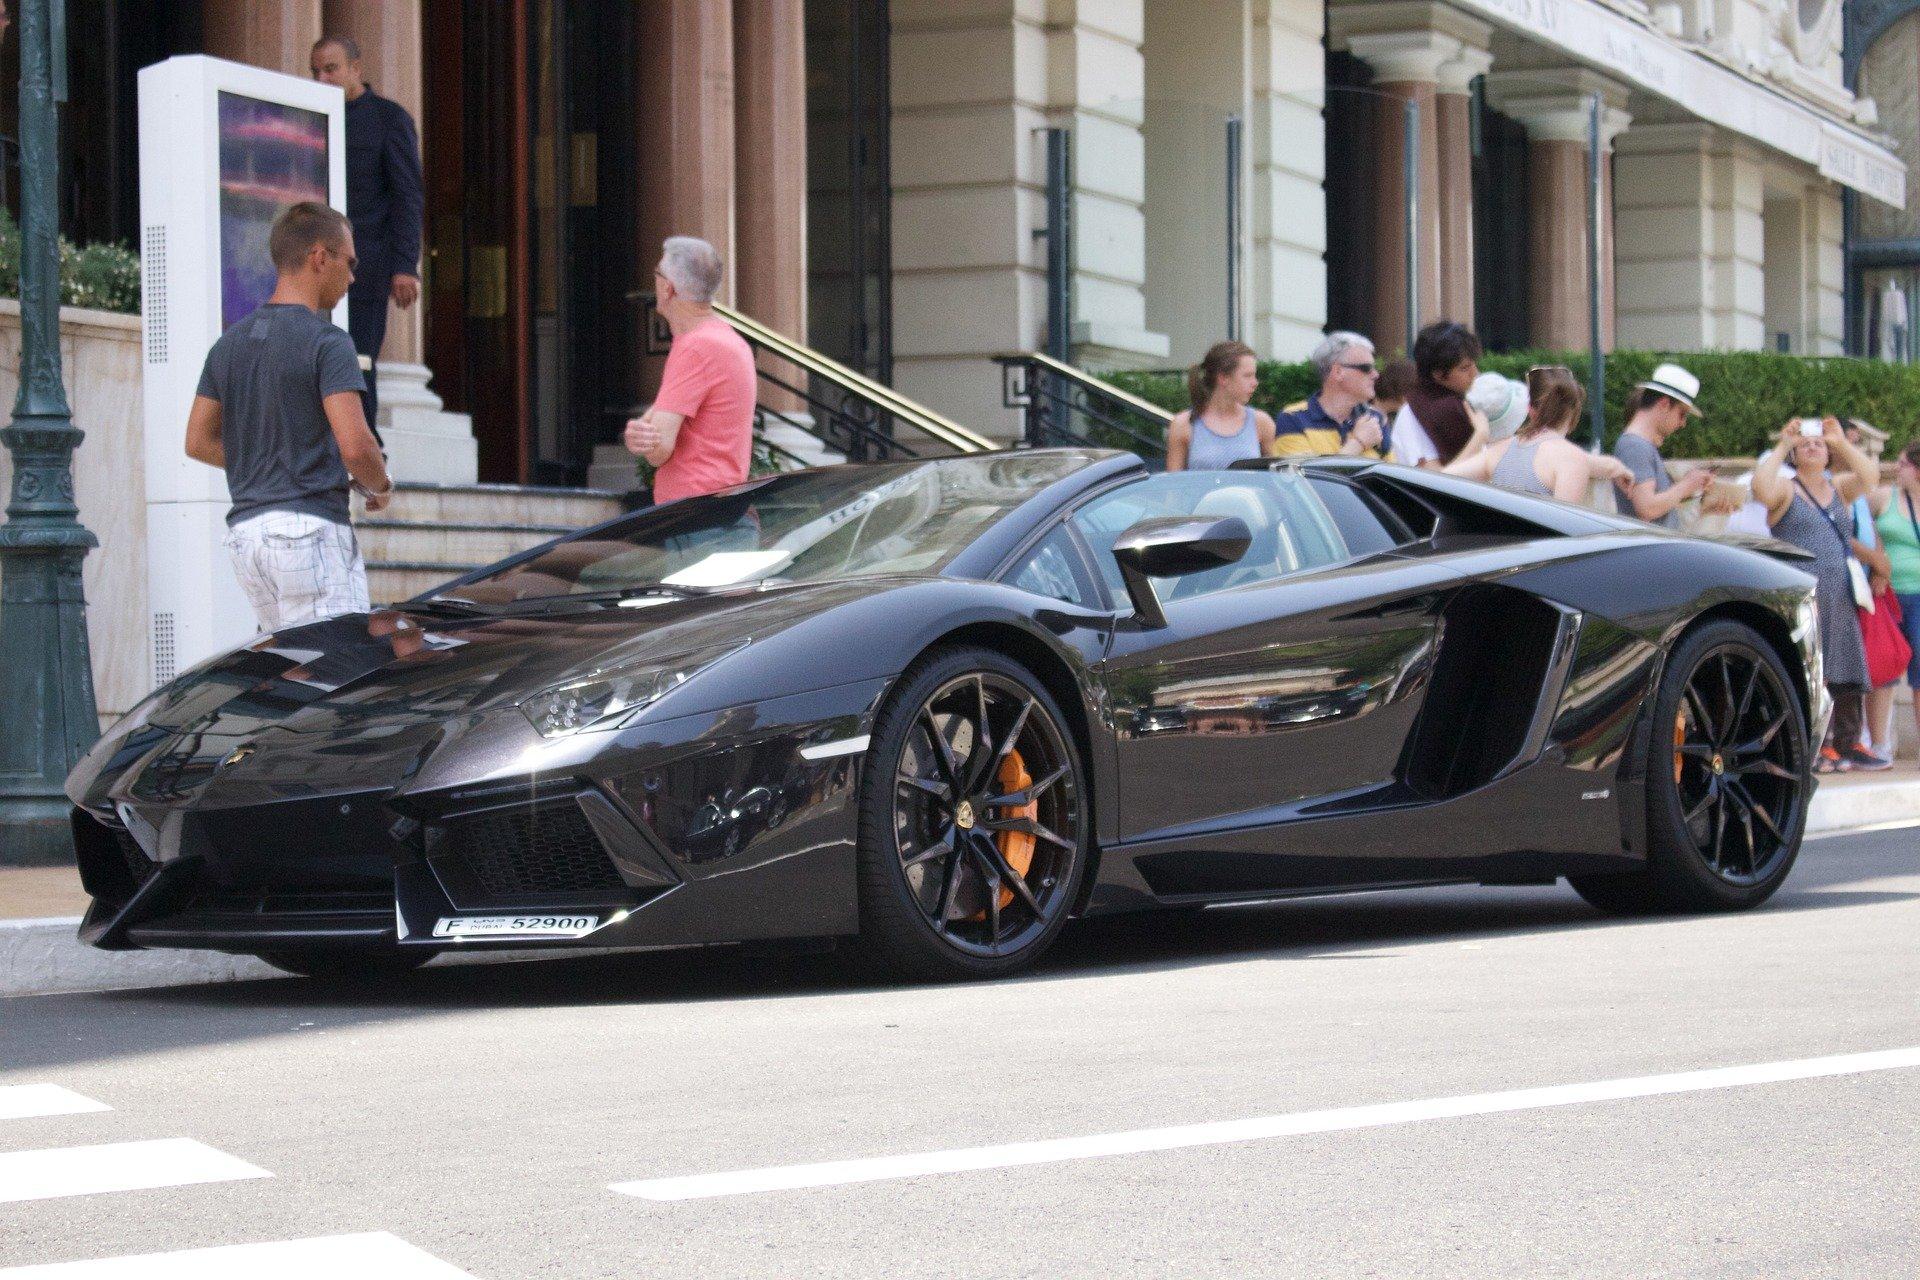 Acquistare Lamborghini come investimento: Top10 dei modelli Lamborghini più costosi